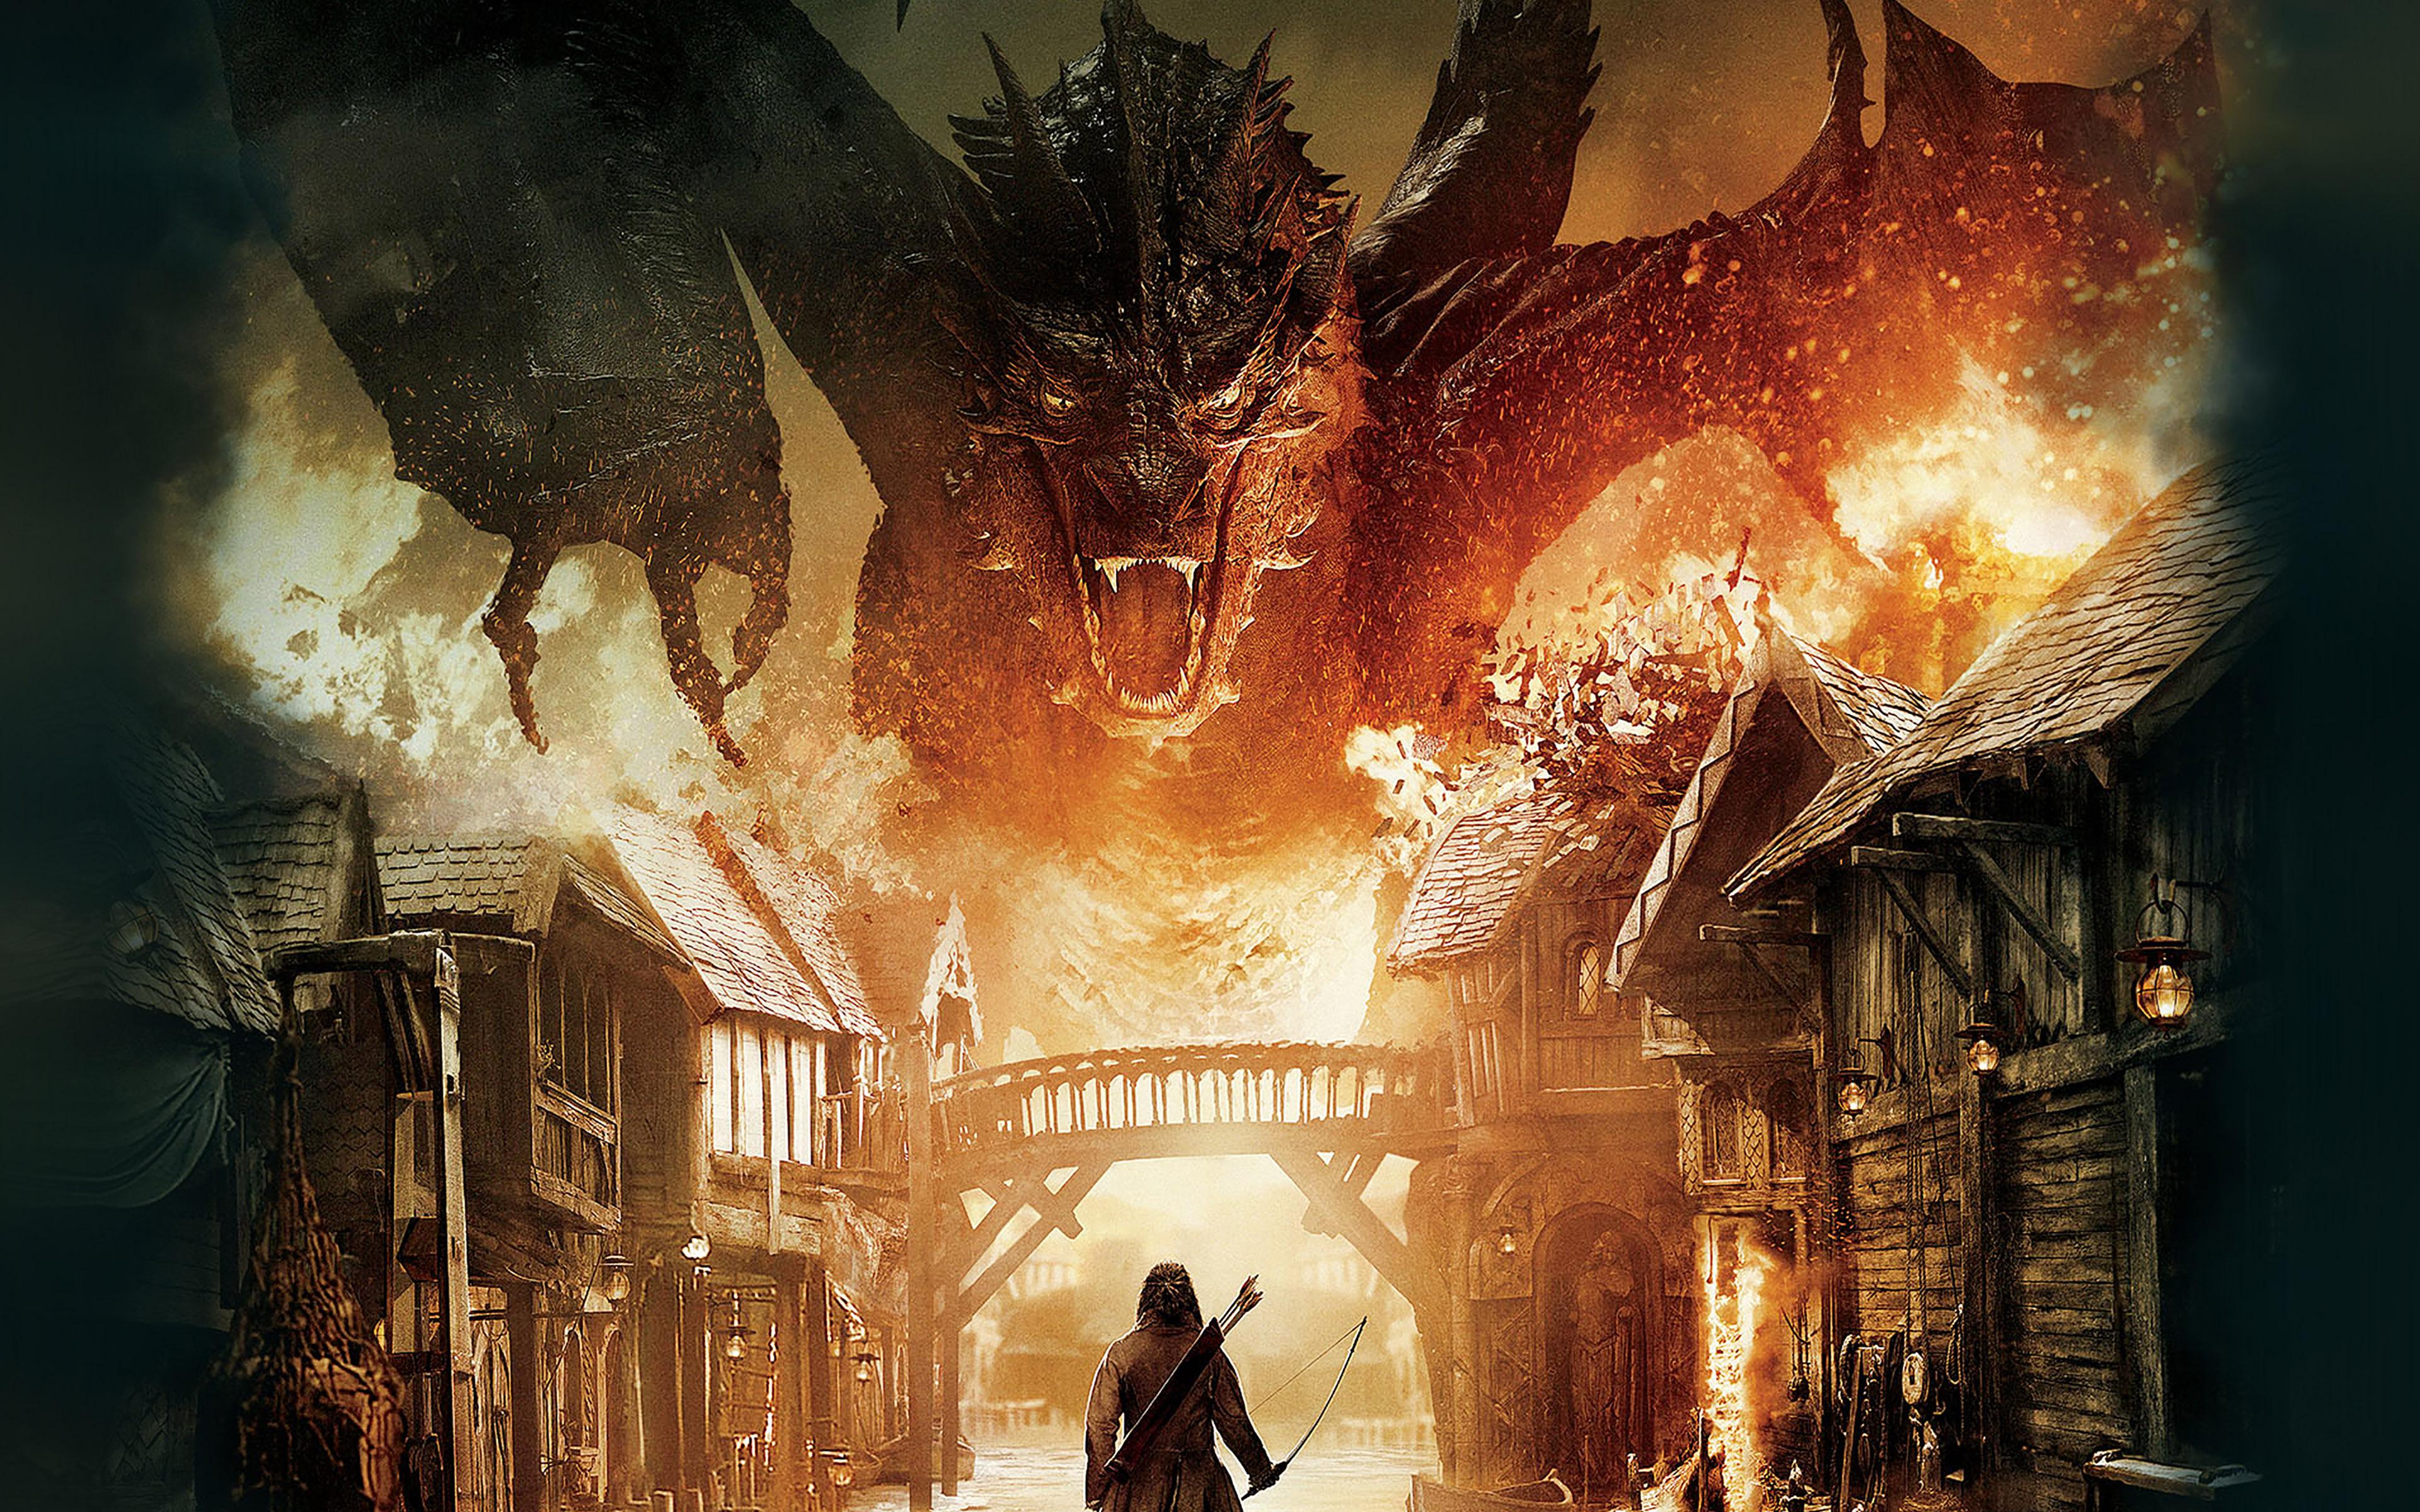 ah54-hobbit-the-battle-five-armies-art-poster - Papers.co